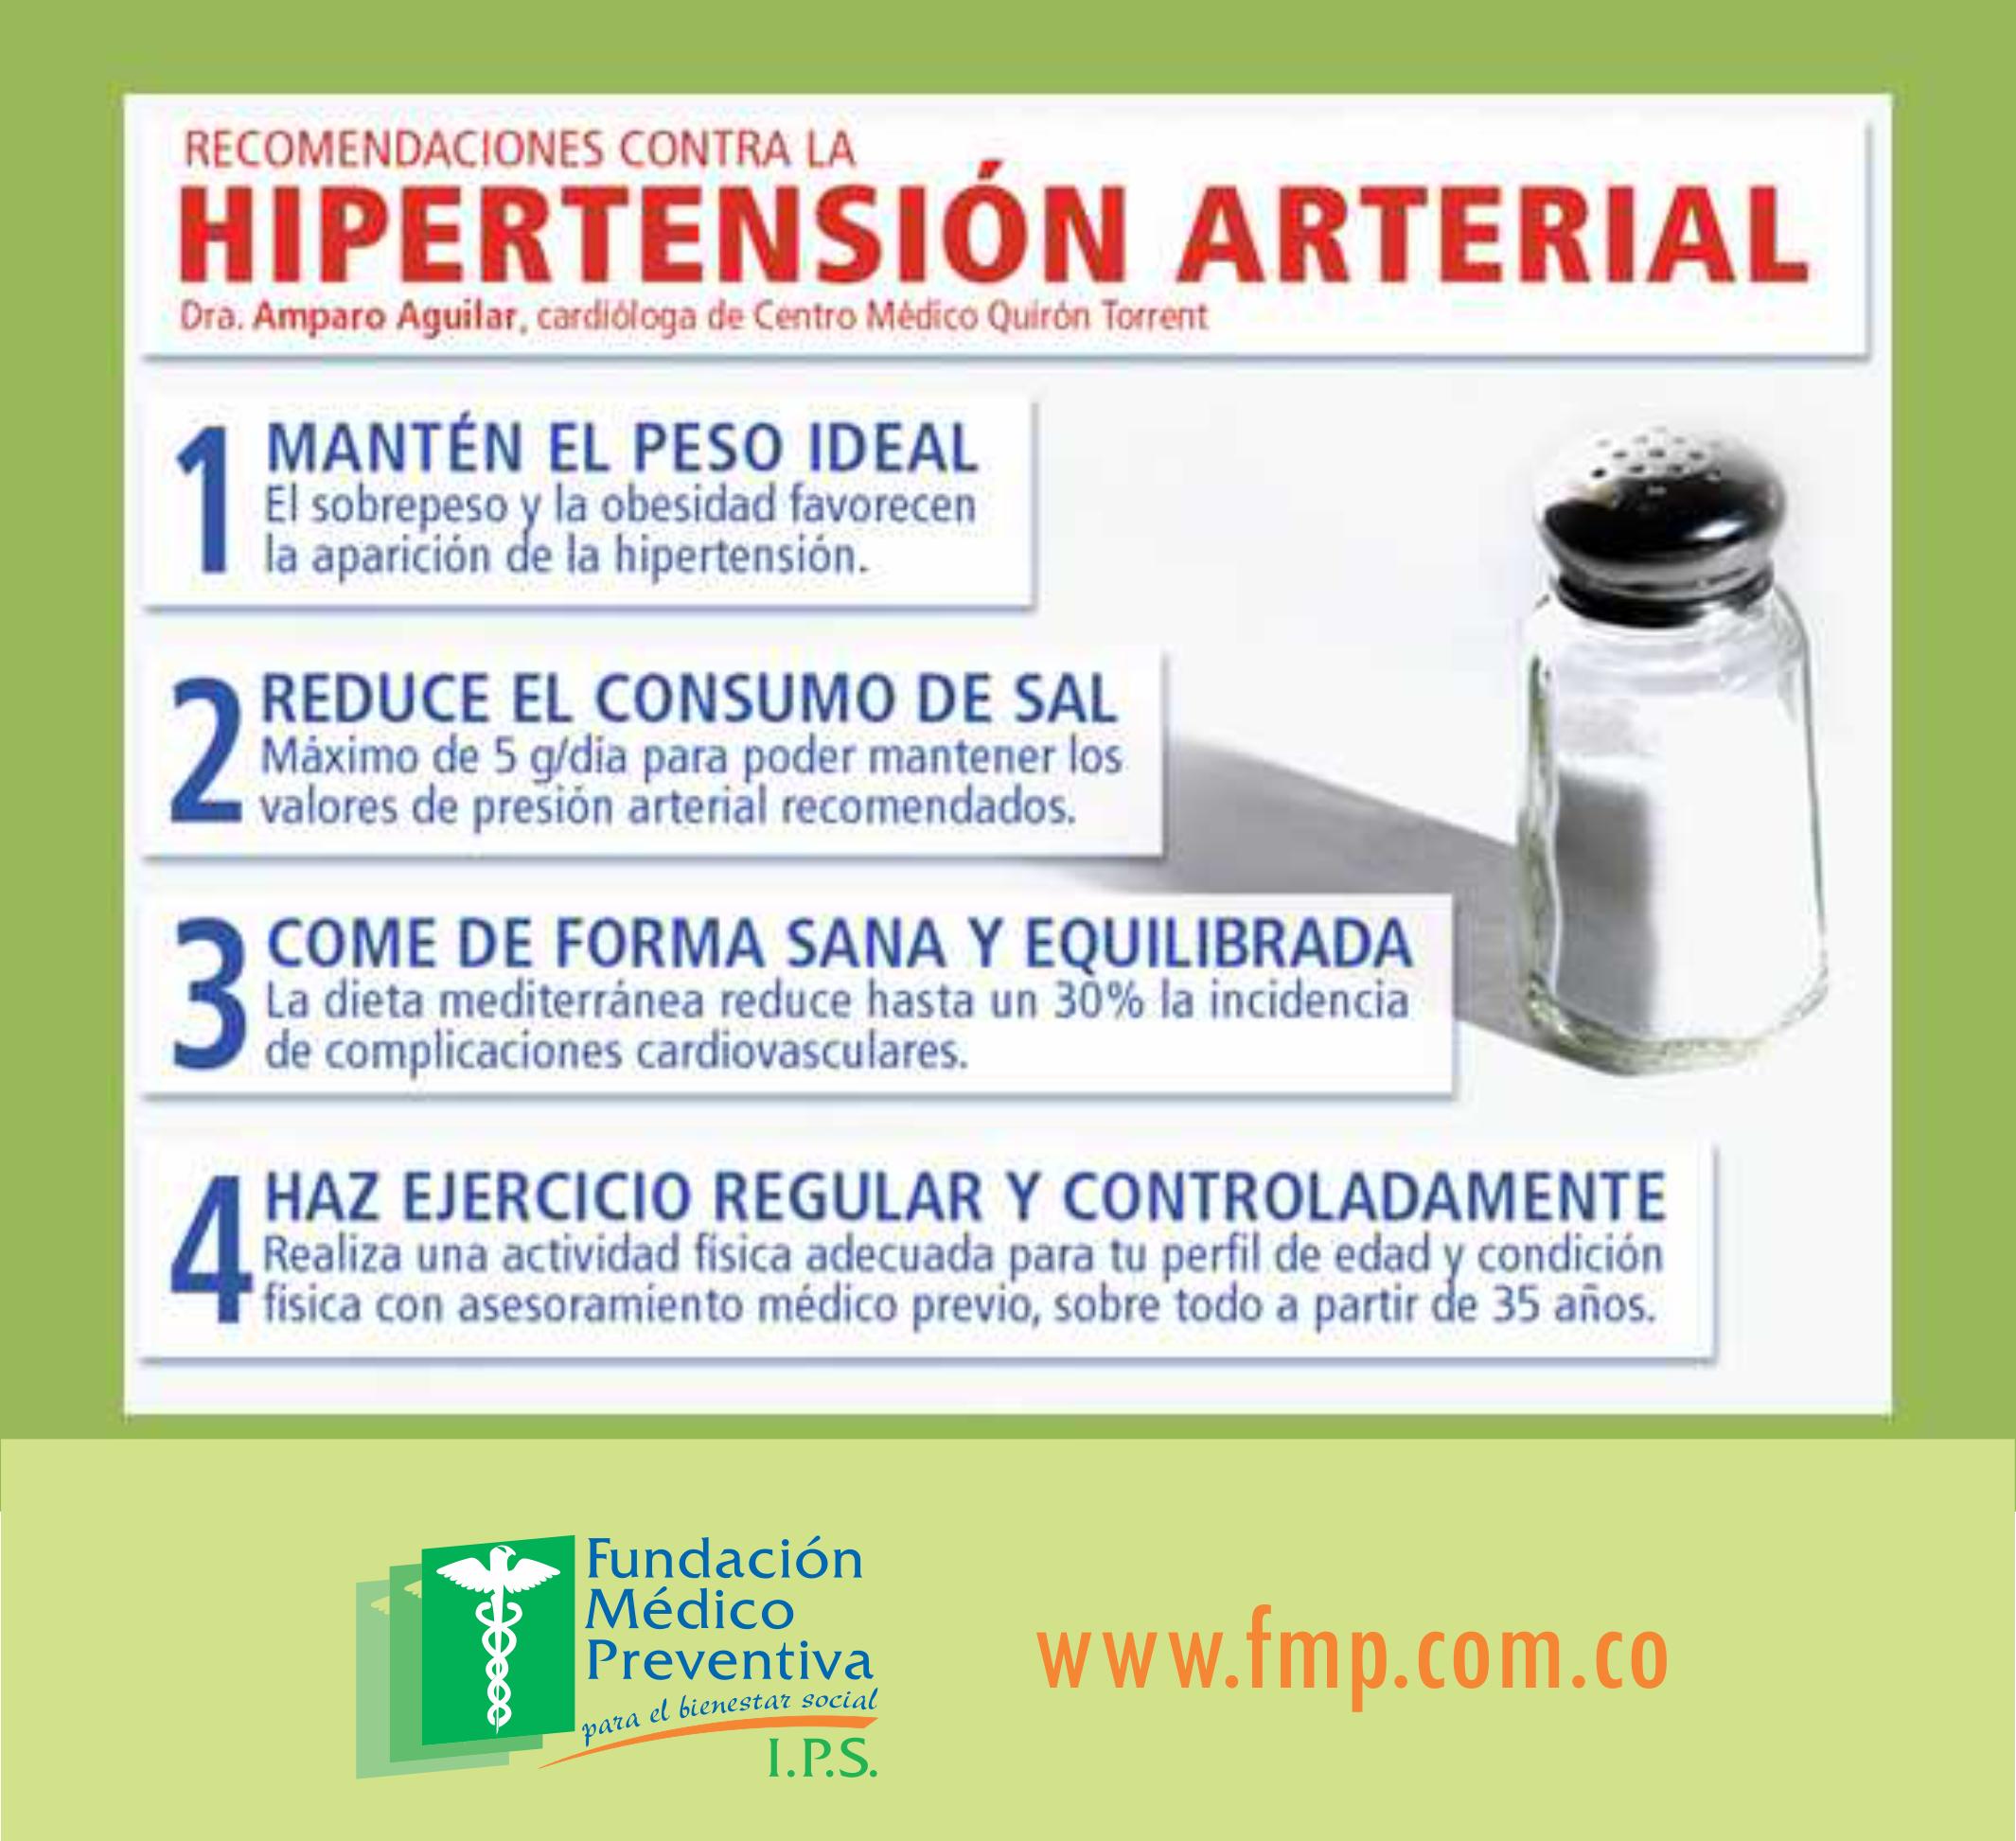 Hipertensi n arterial promocion y prevencion pinterest prevencion promociones y cuerpo - Alimentos para la hipertension alta ...